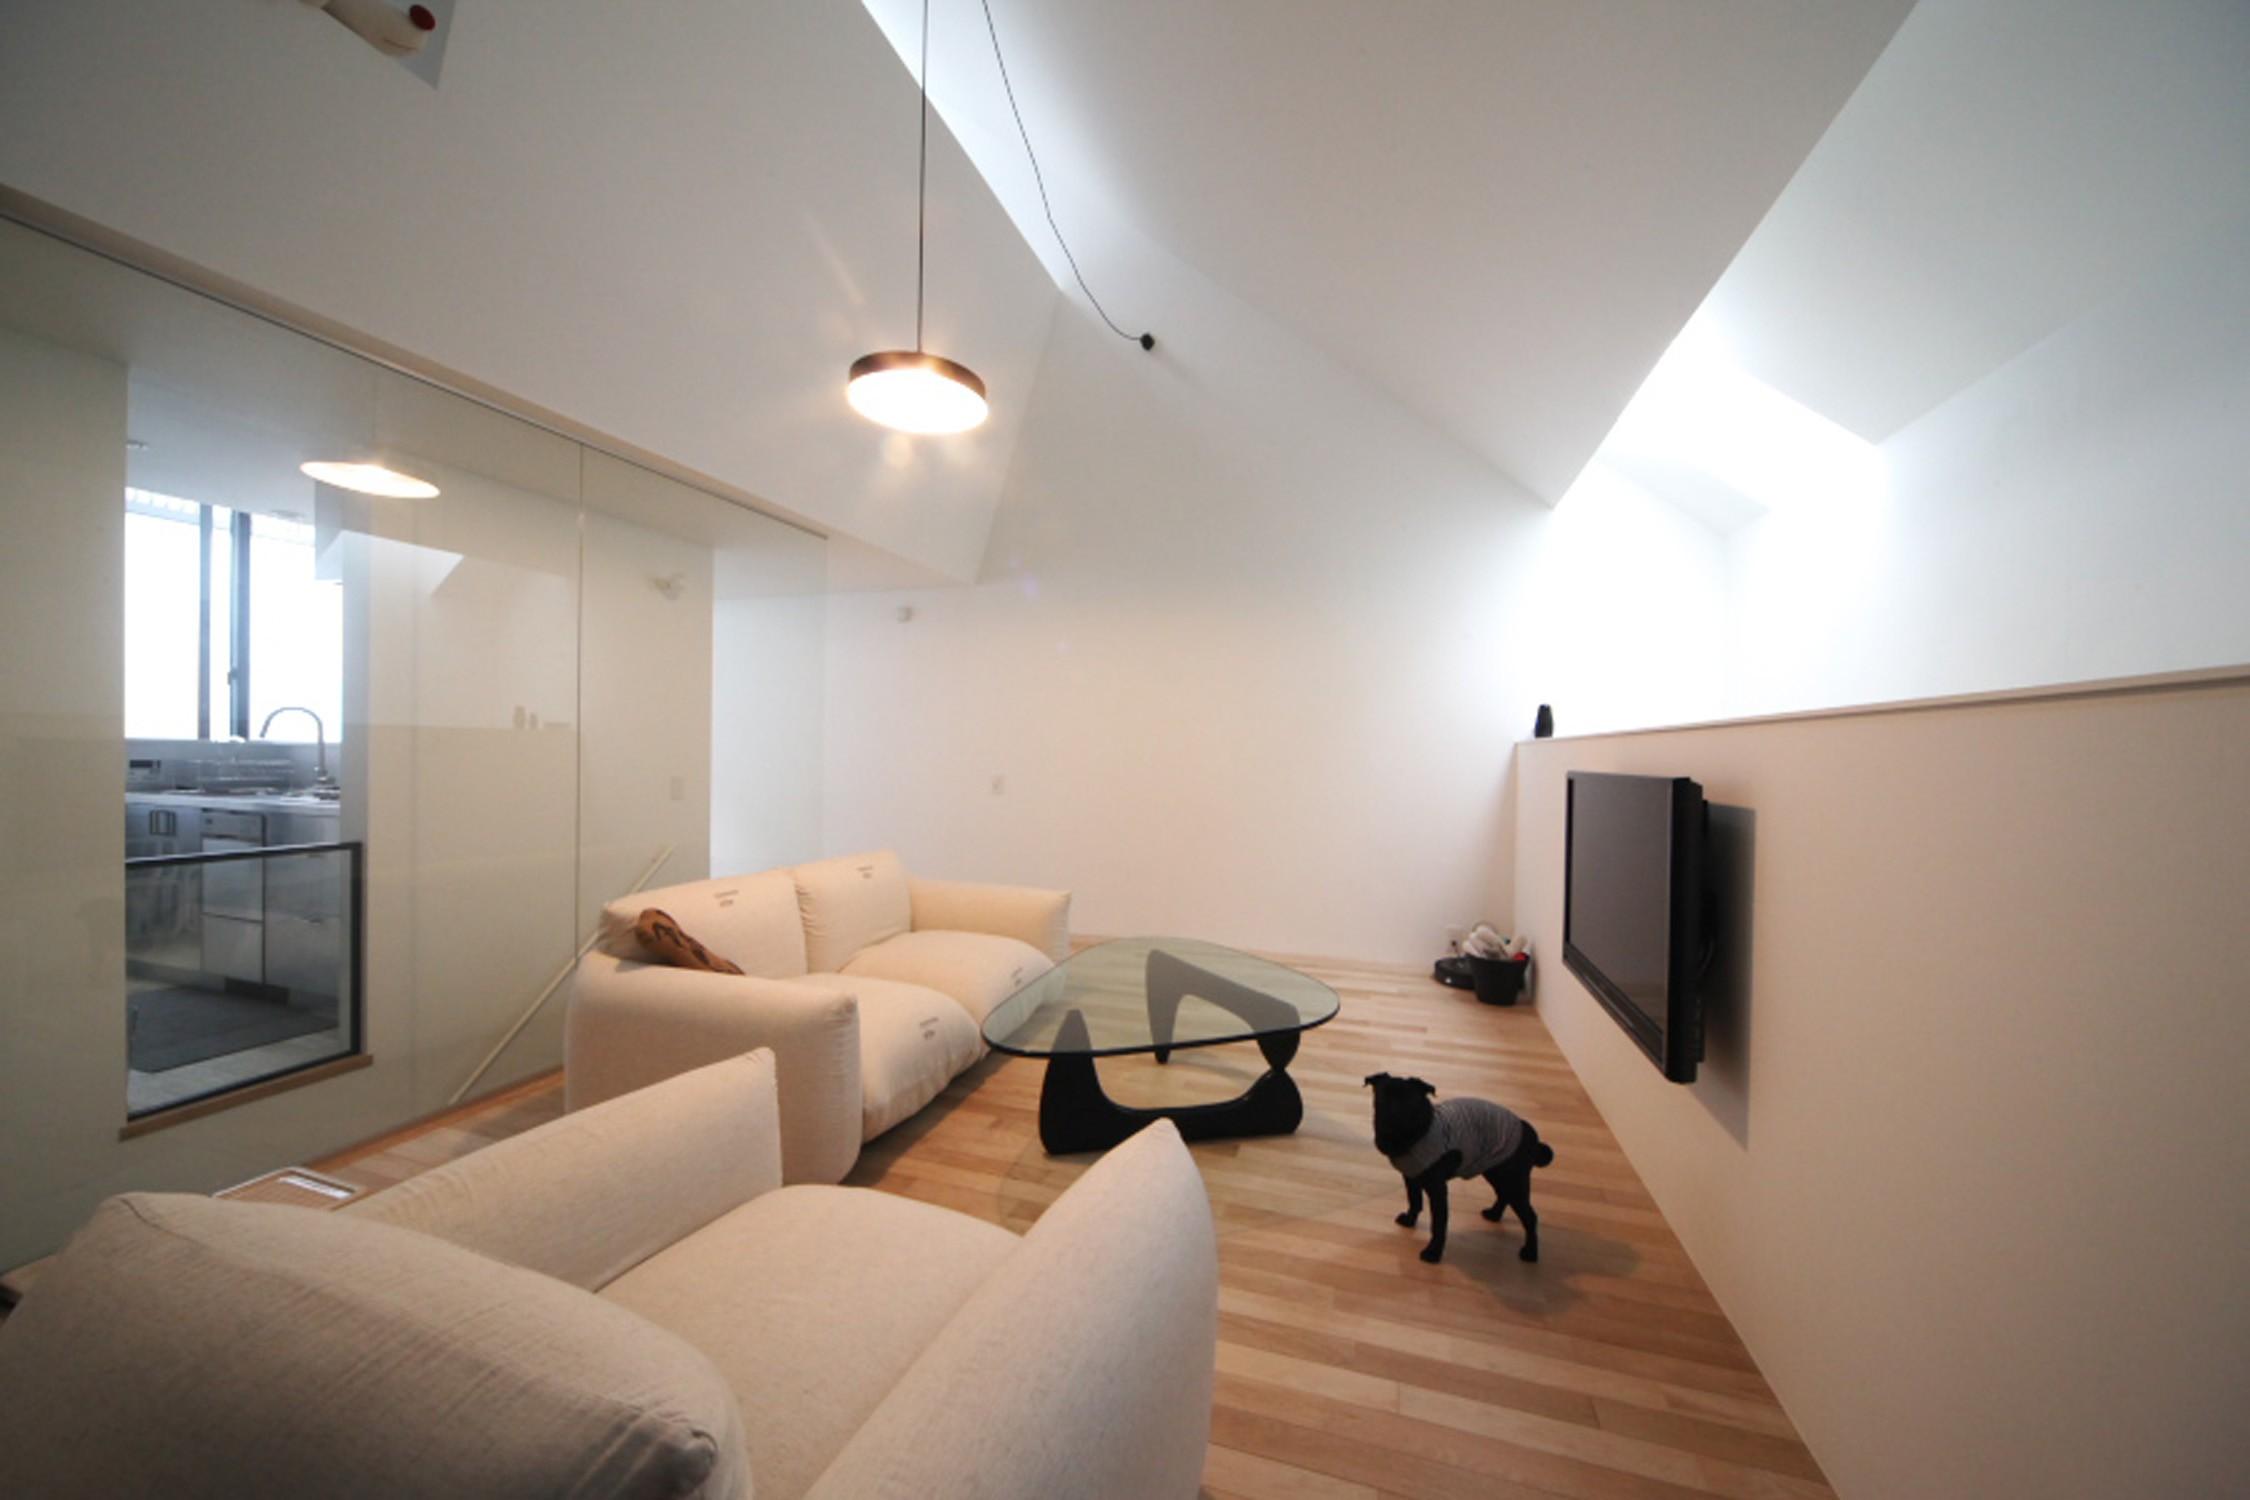 リビングダイニング事例:犬と暮らすリビングの様子(さいたまの旗竿敷地の家 OUCHI-21)